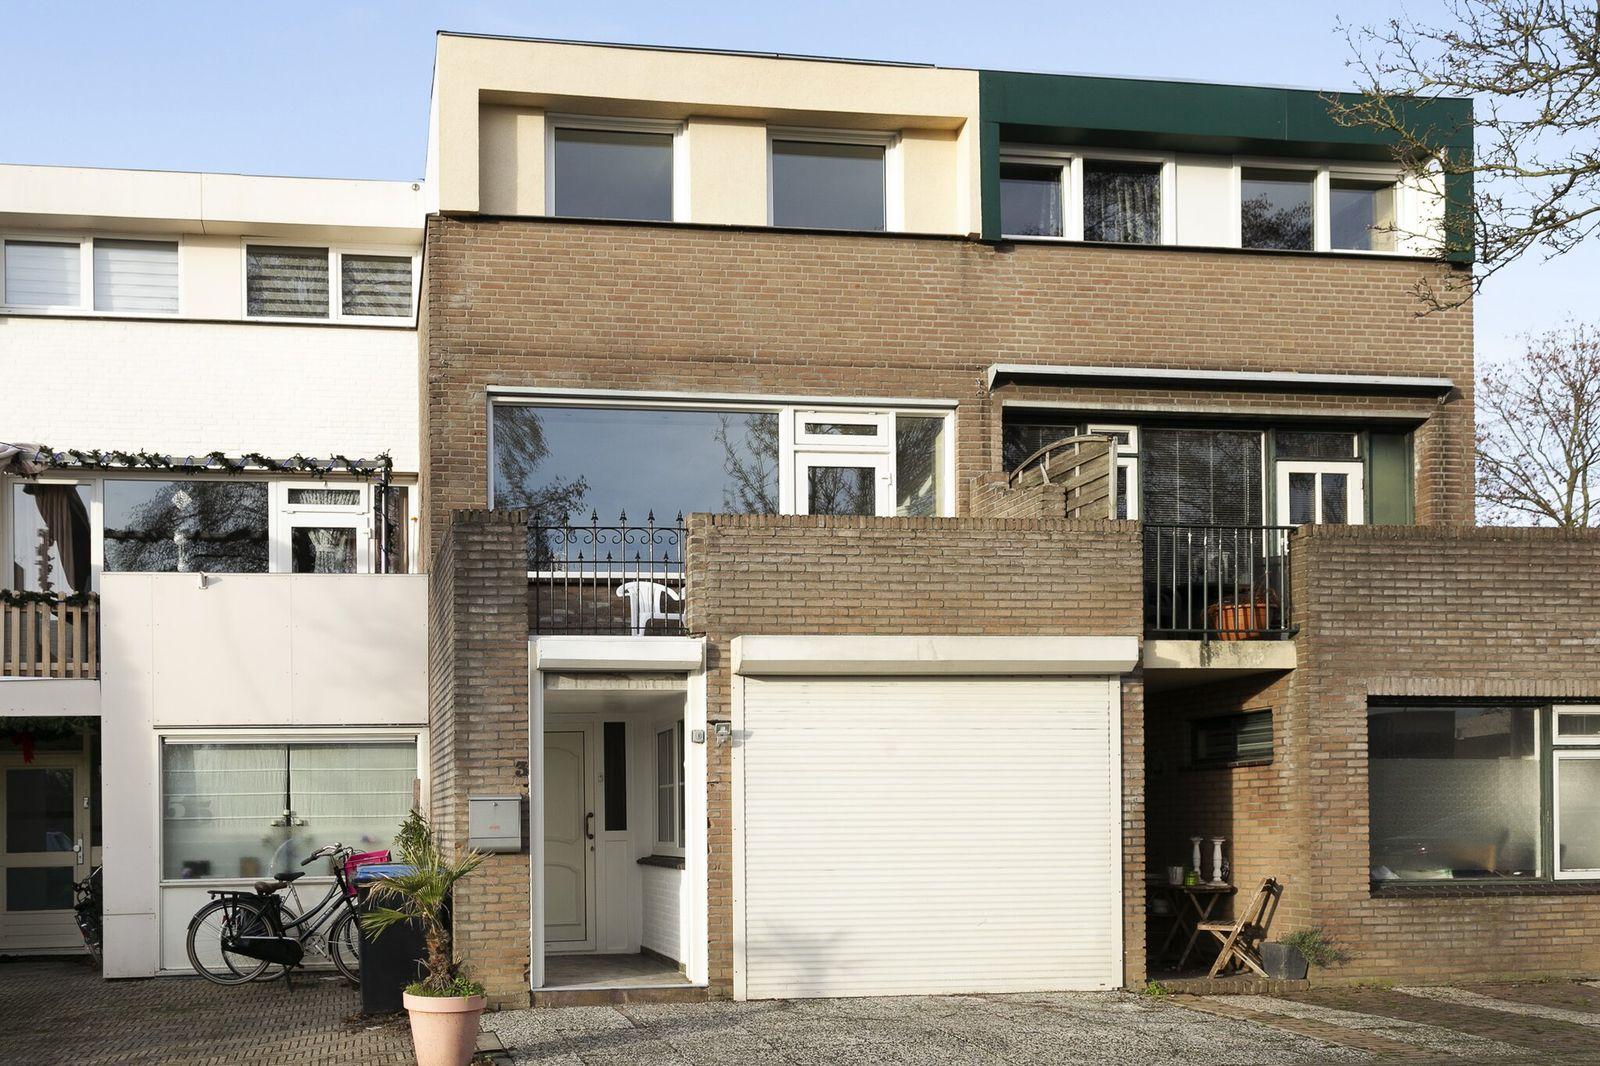 Vierde Rompert 3, 's-hertogenbosch